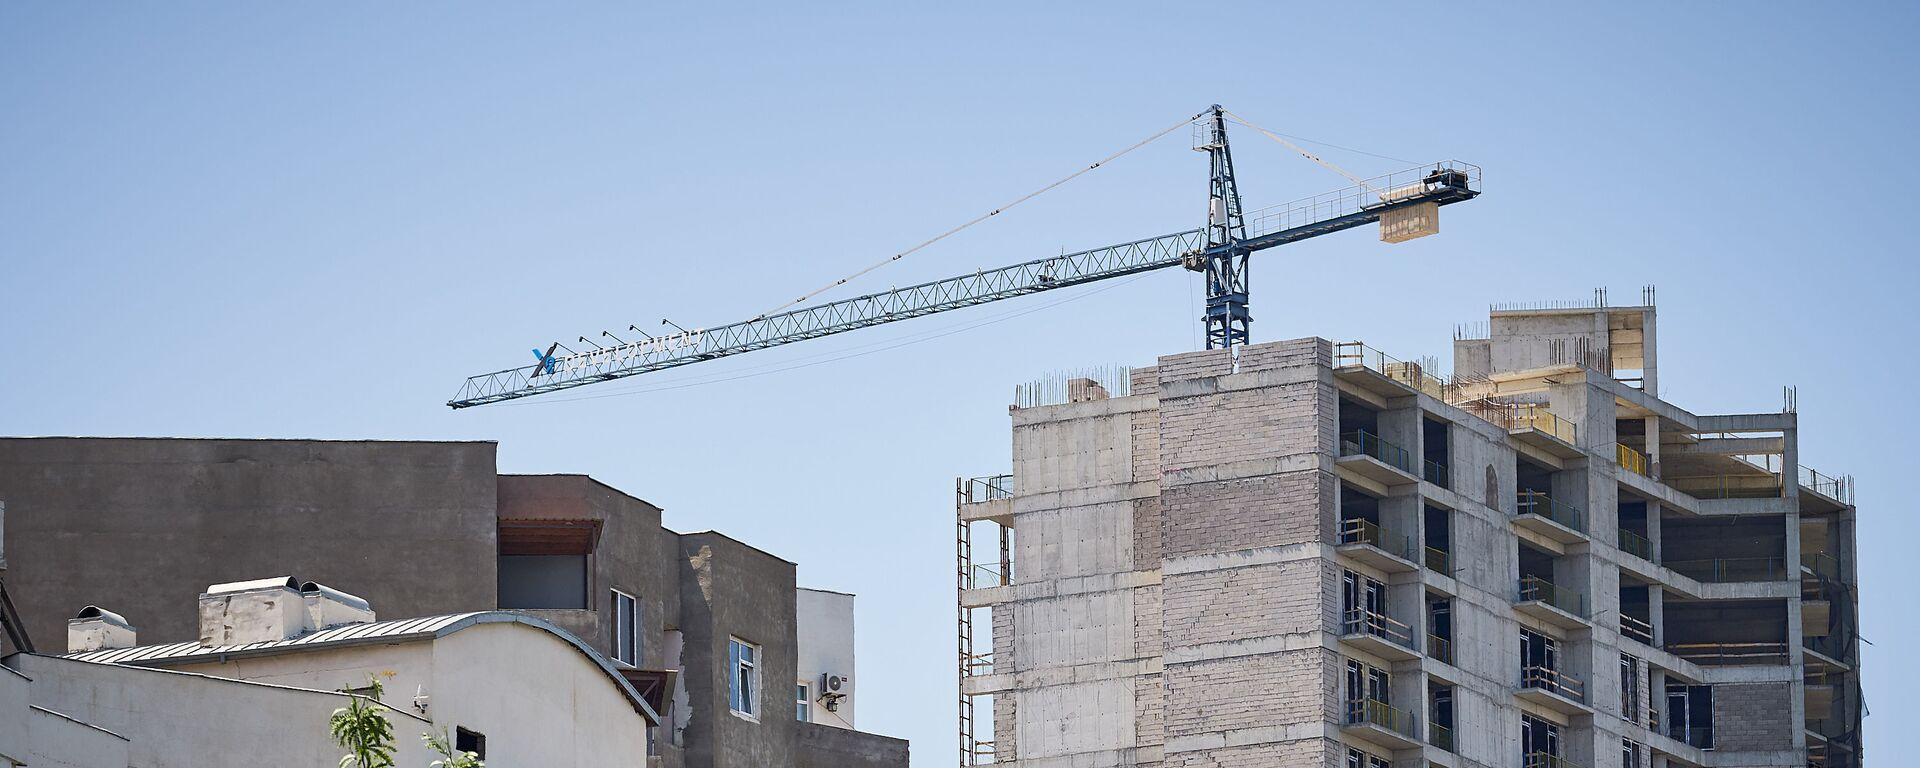 Строительство нового жилого дома в столице Грузии. Подъемный кран на стройке - Sputnik Грузия, 1920, 09.08.2021